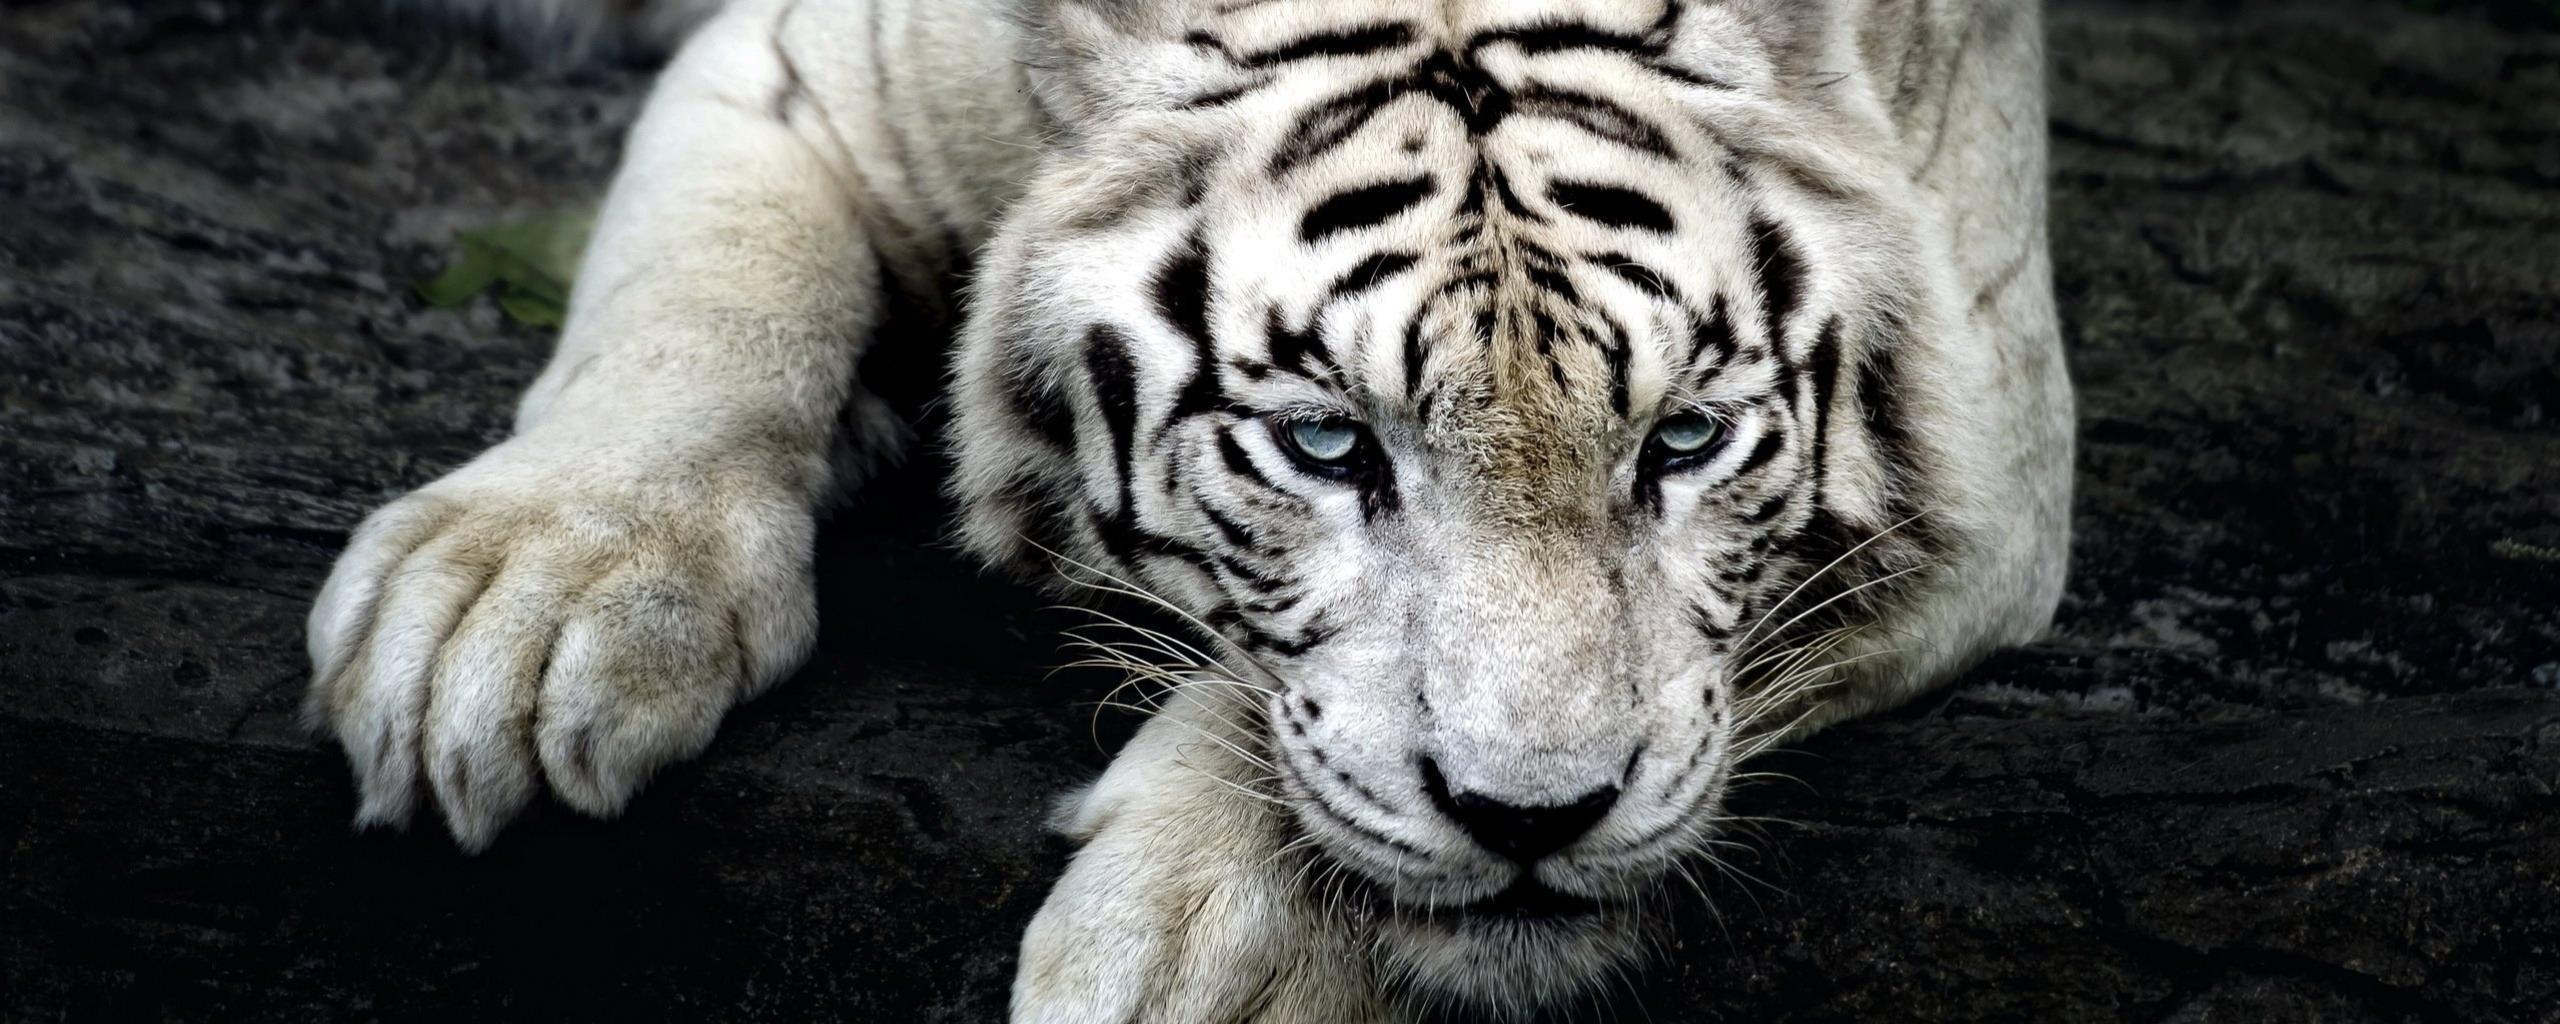 обычный картинки на рабочий стол белый тигр с голубыми глазами они довольно легко